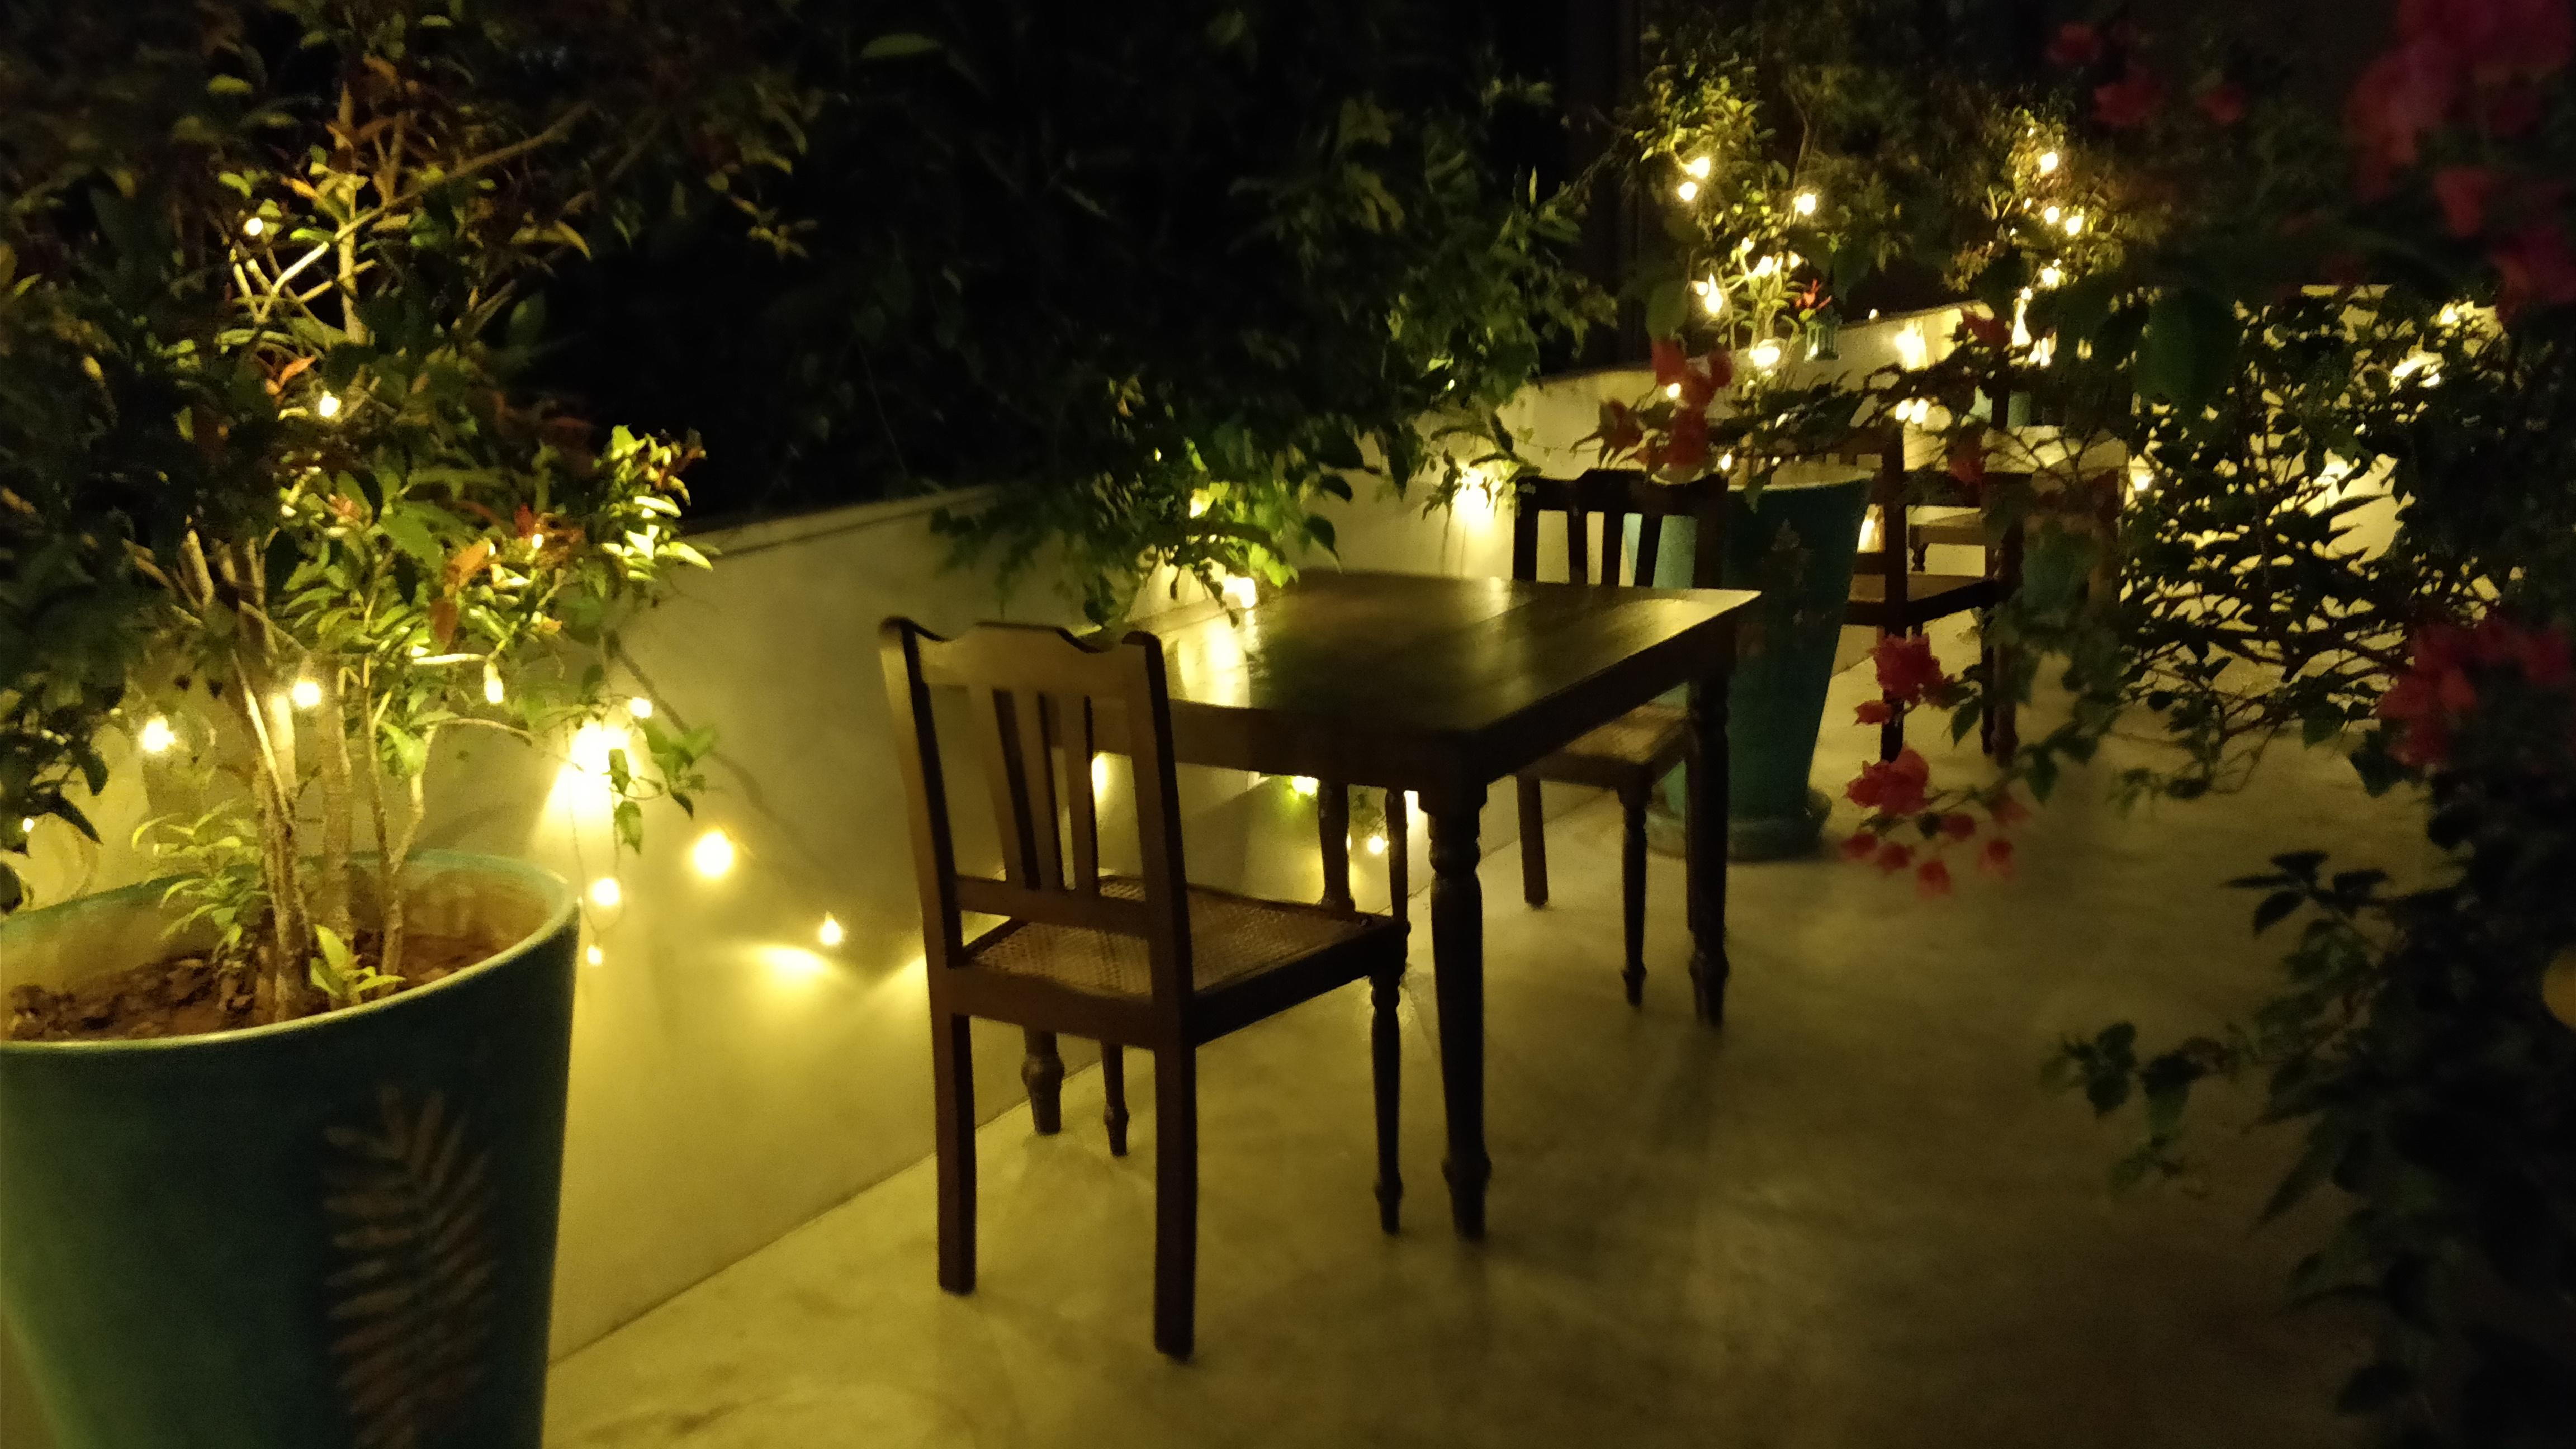 The French Door Cafe And Restaurant Coimbatore Yogitauchil